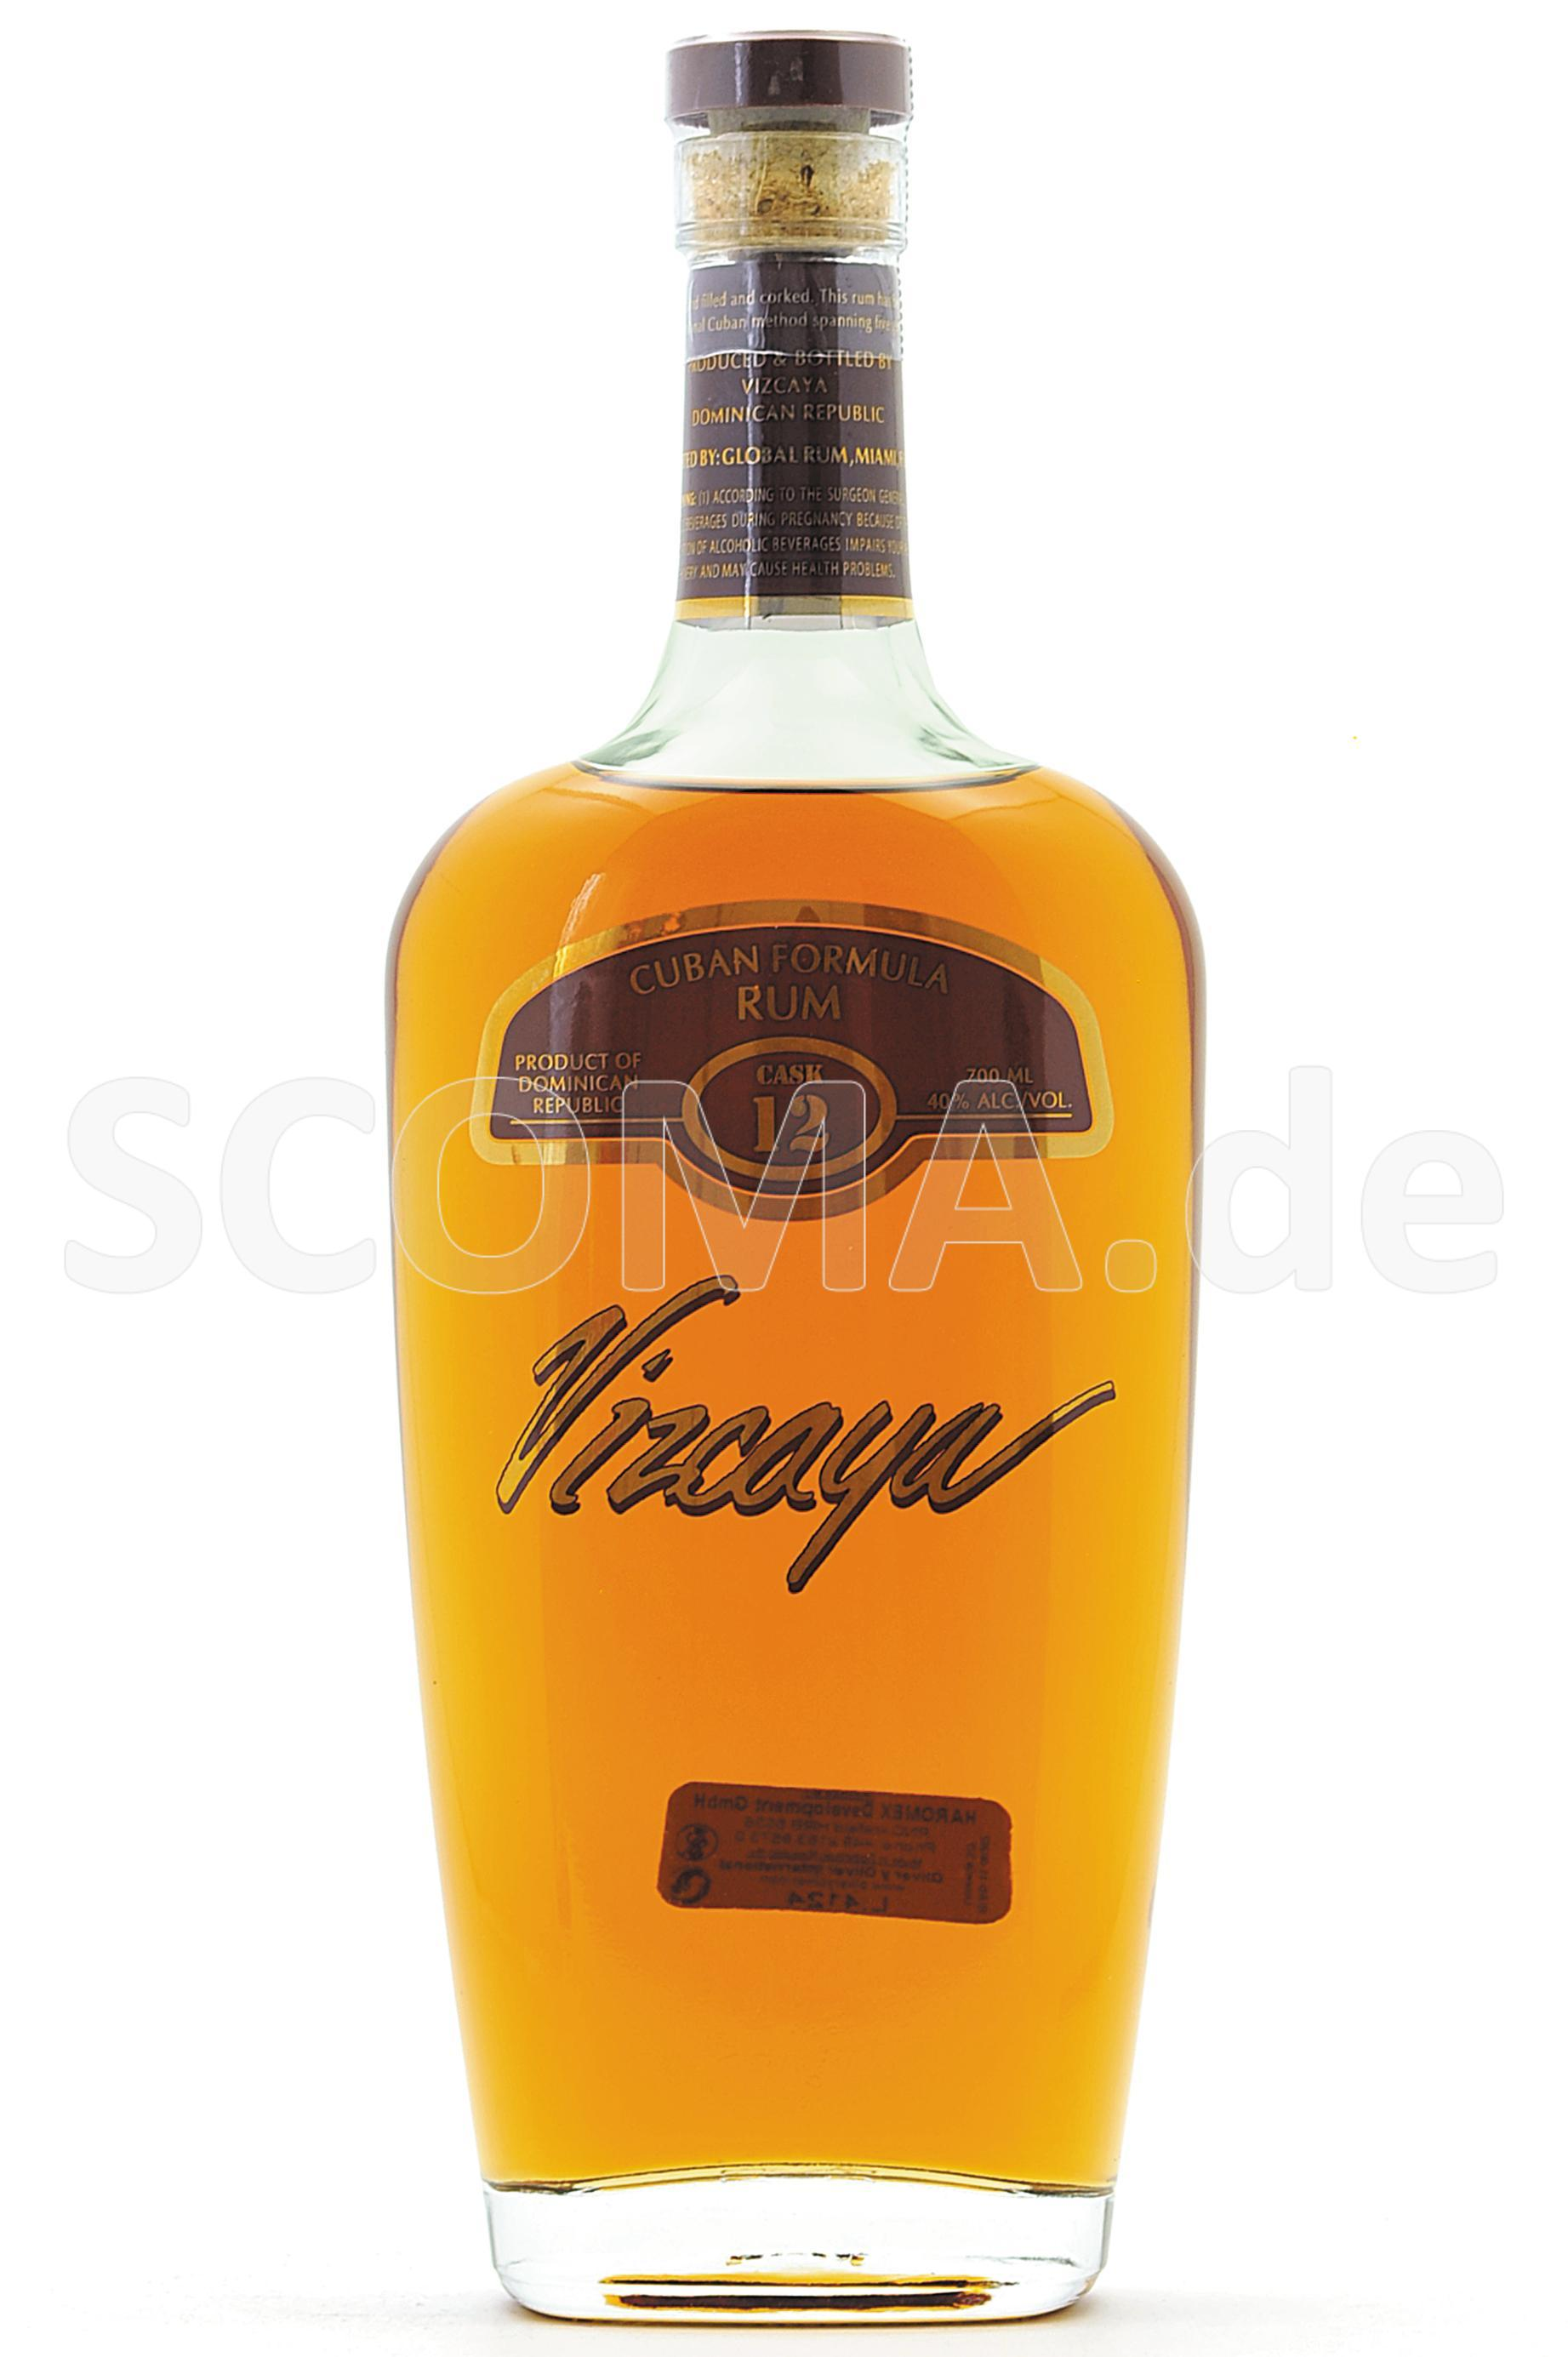 Vizcaya Rum 12 years